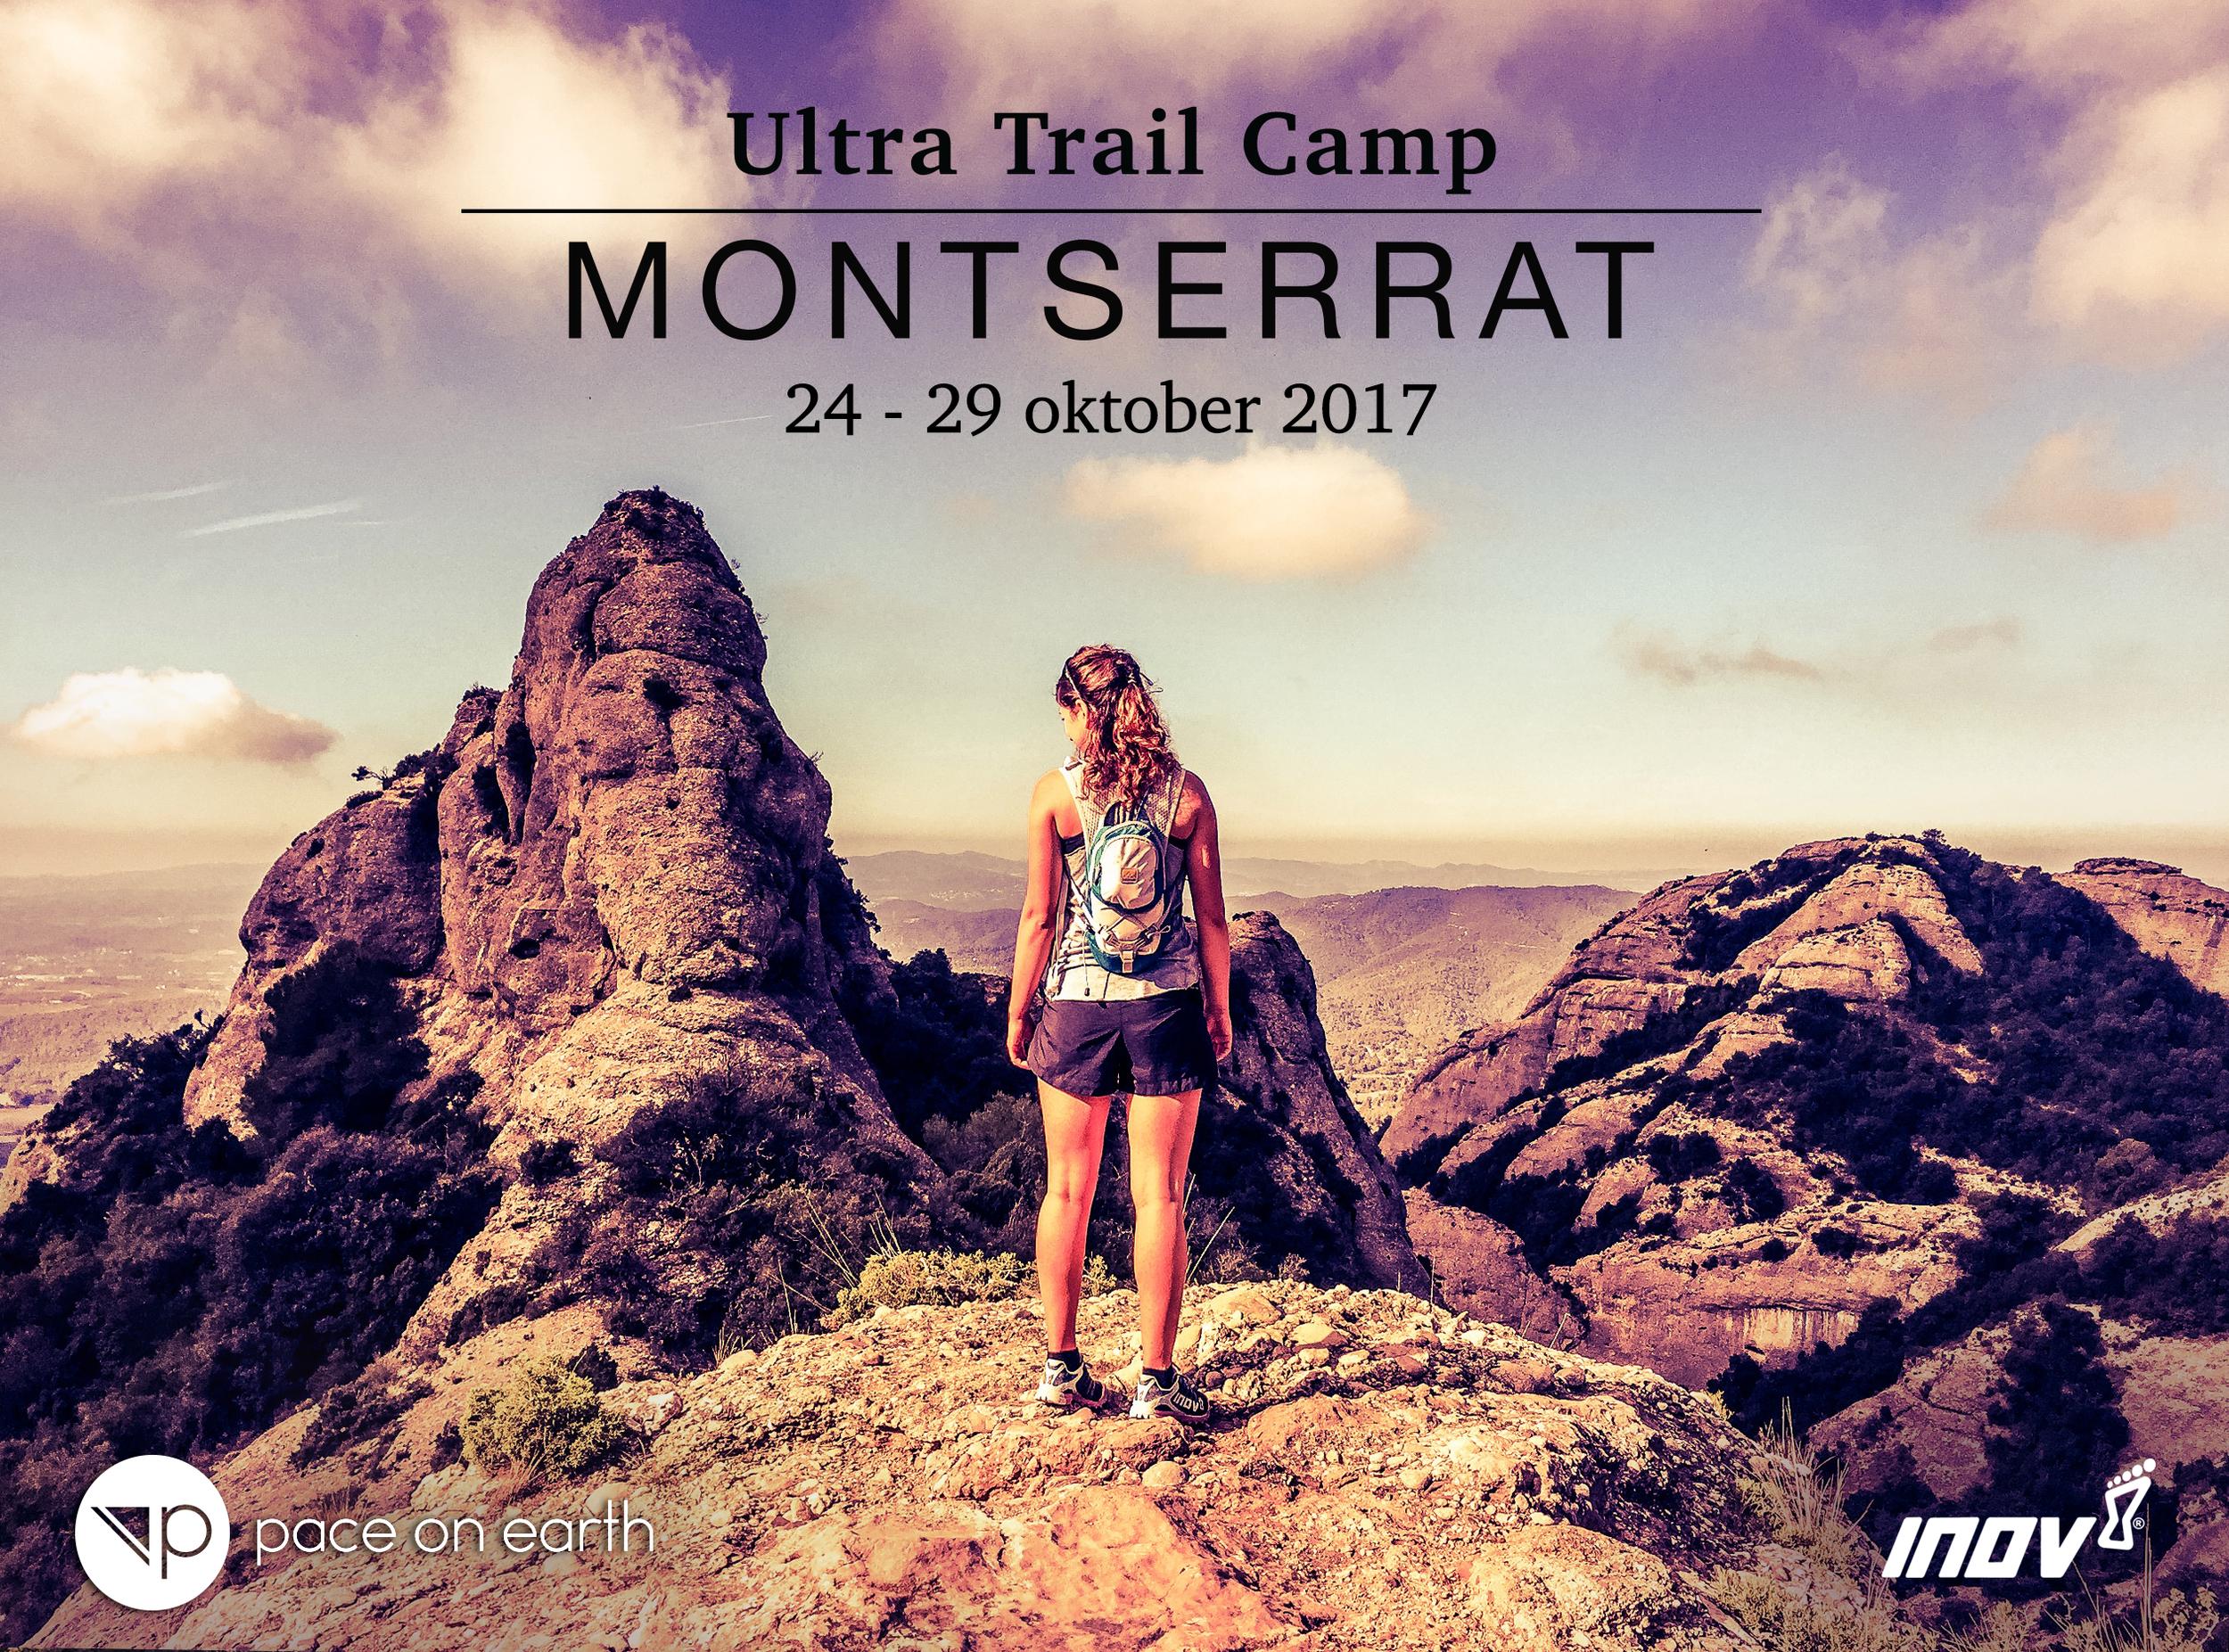 Följ med oss på löparresa till magiska Montserrat! Fåtal platser kvar >